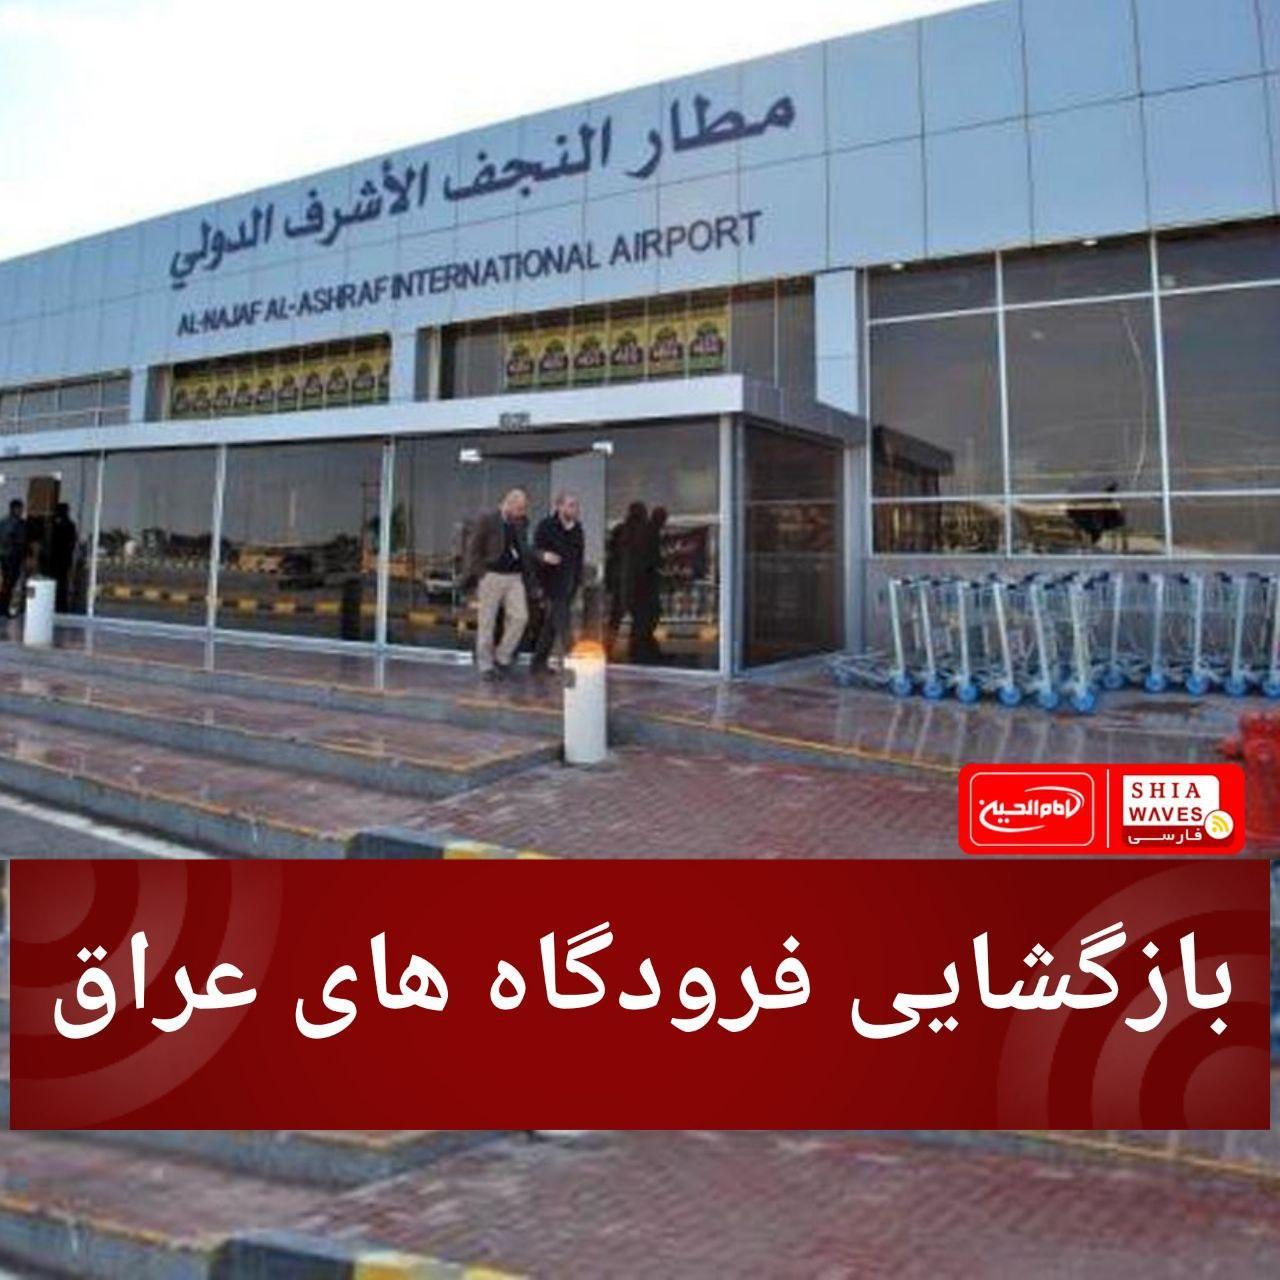 تصویر بازگشایی فرودگاه های عراق